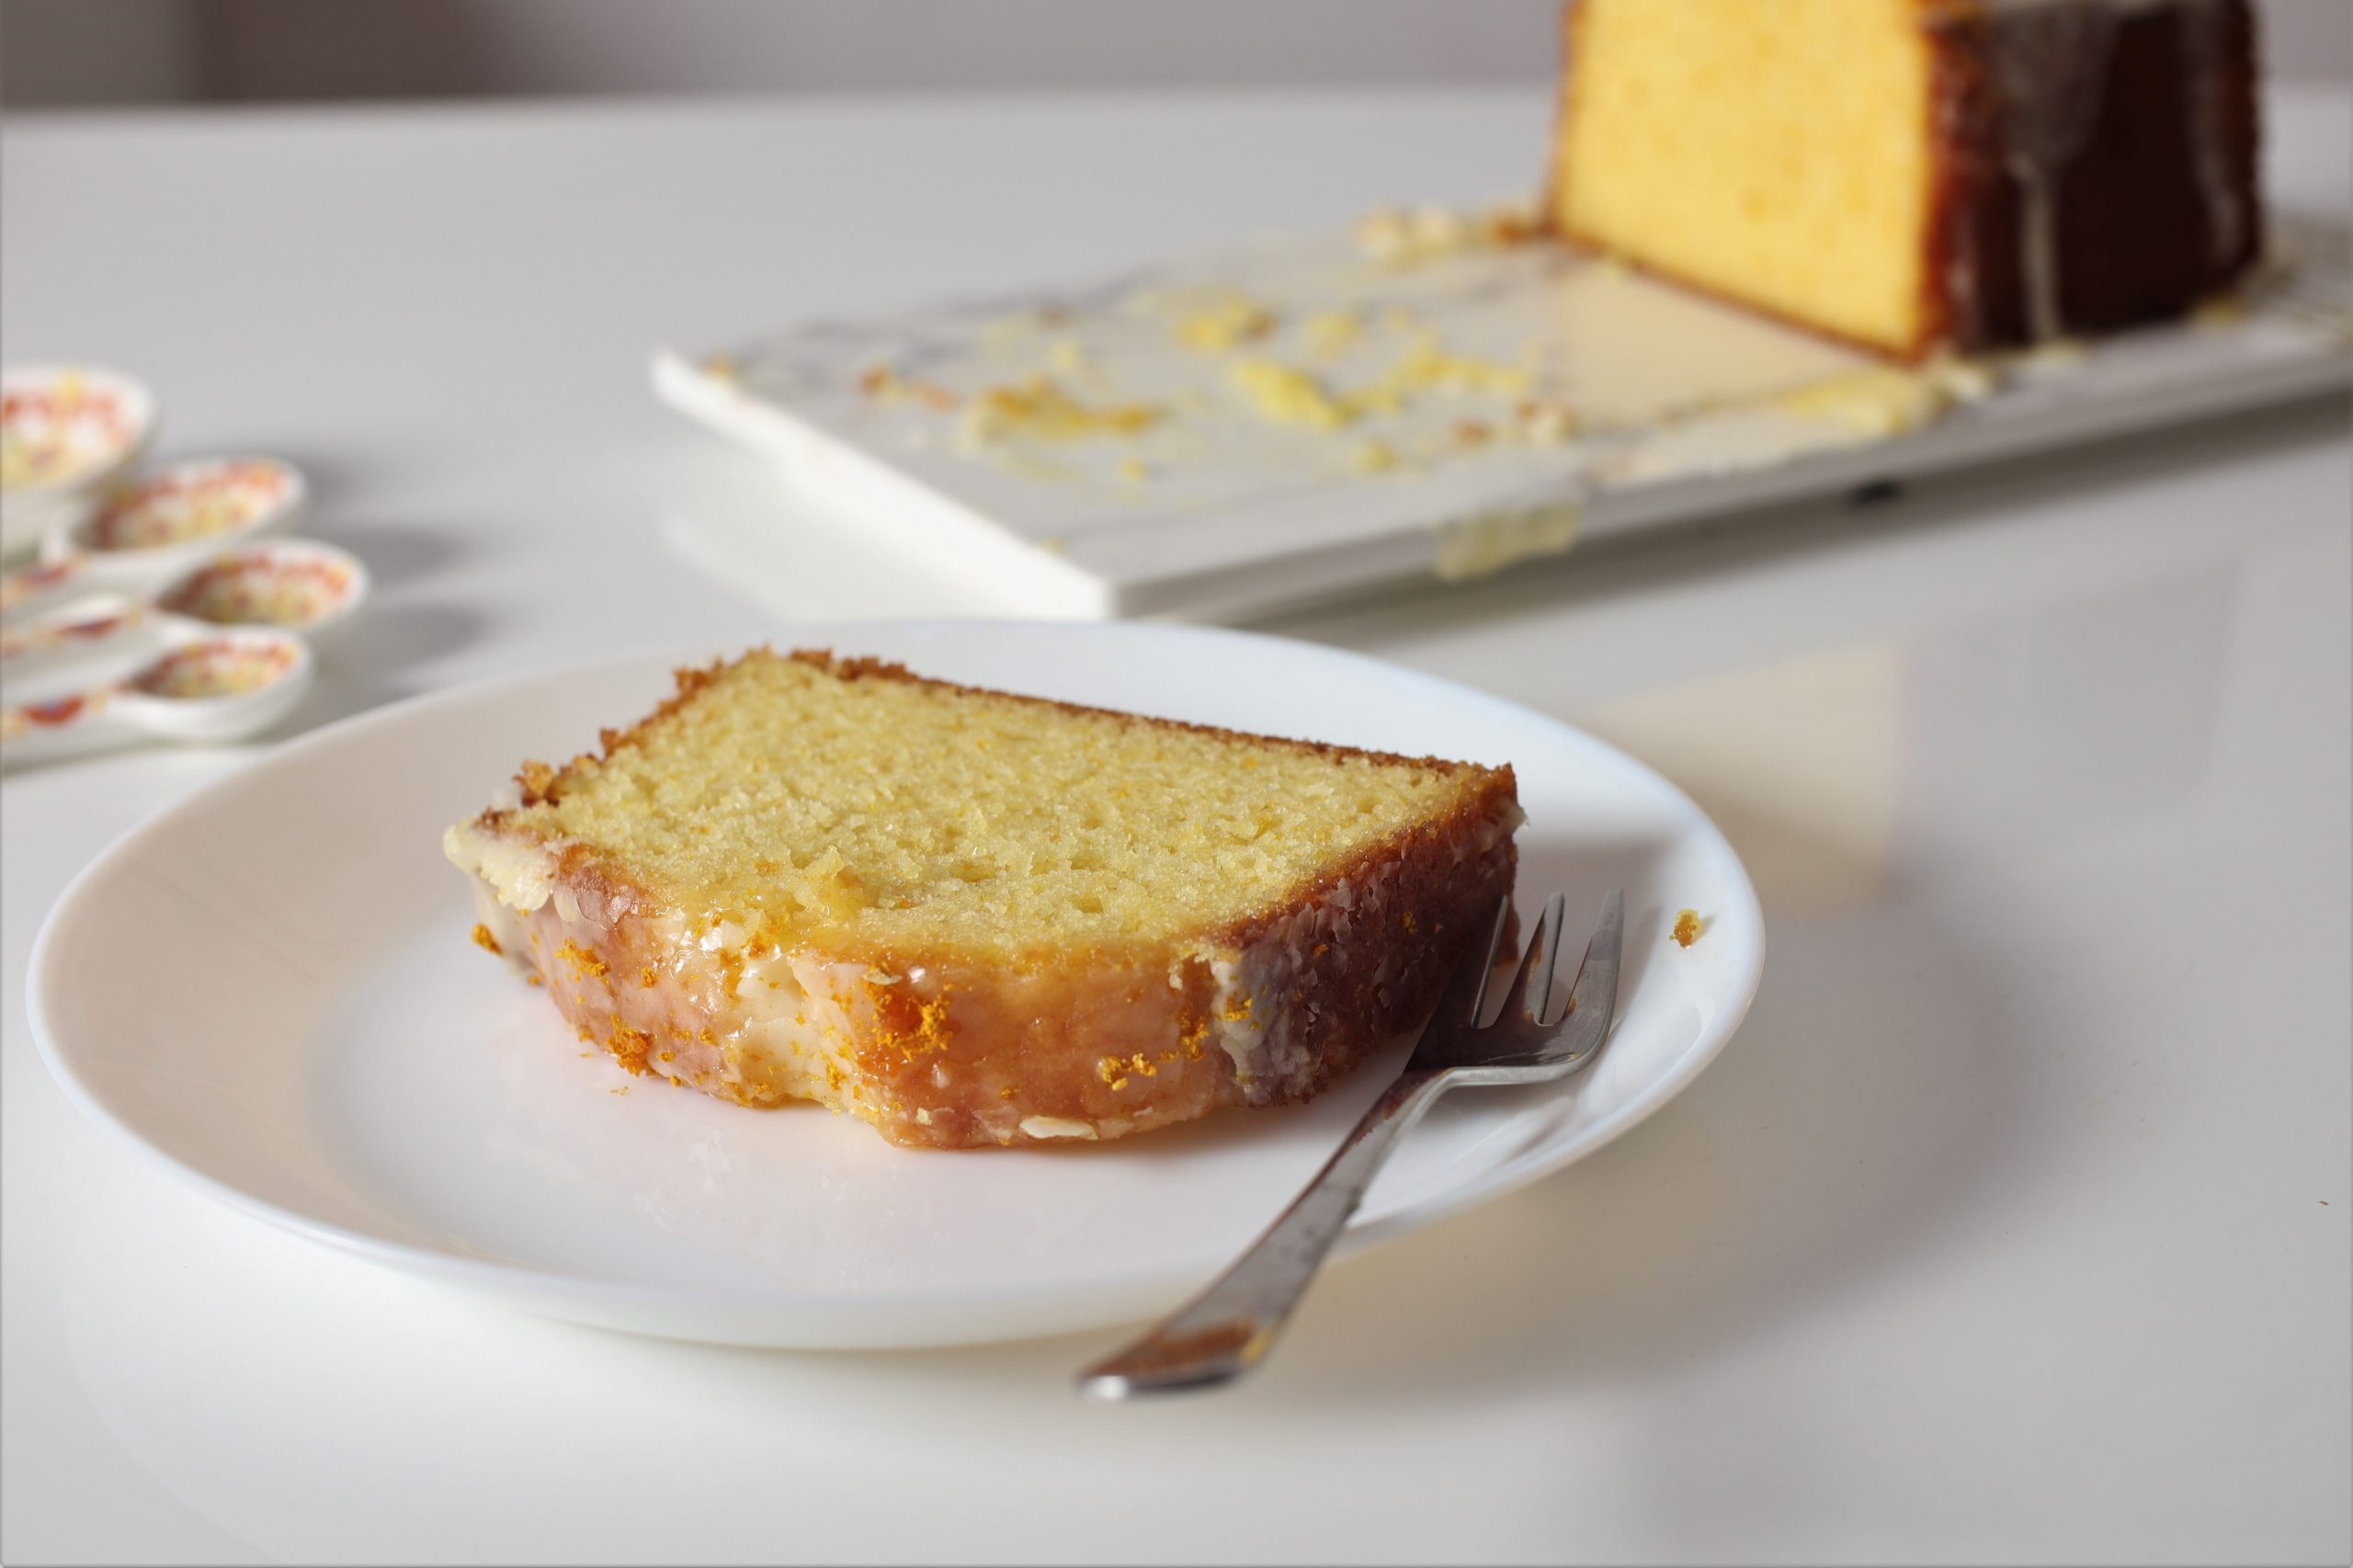 Orange Glaze Cake